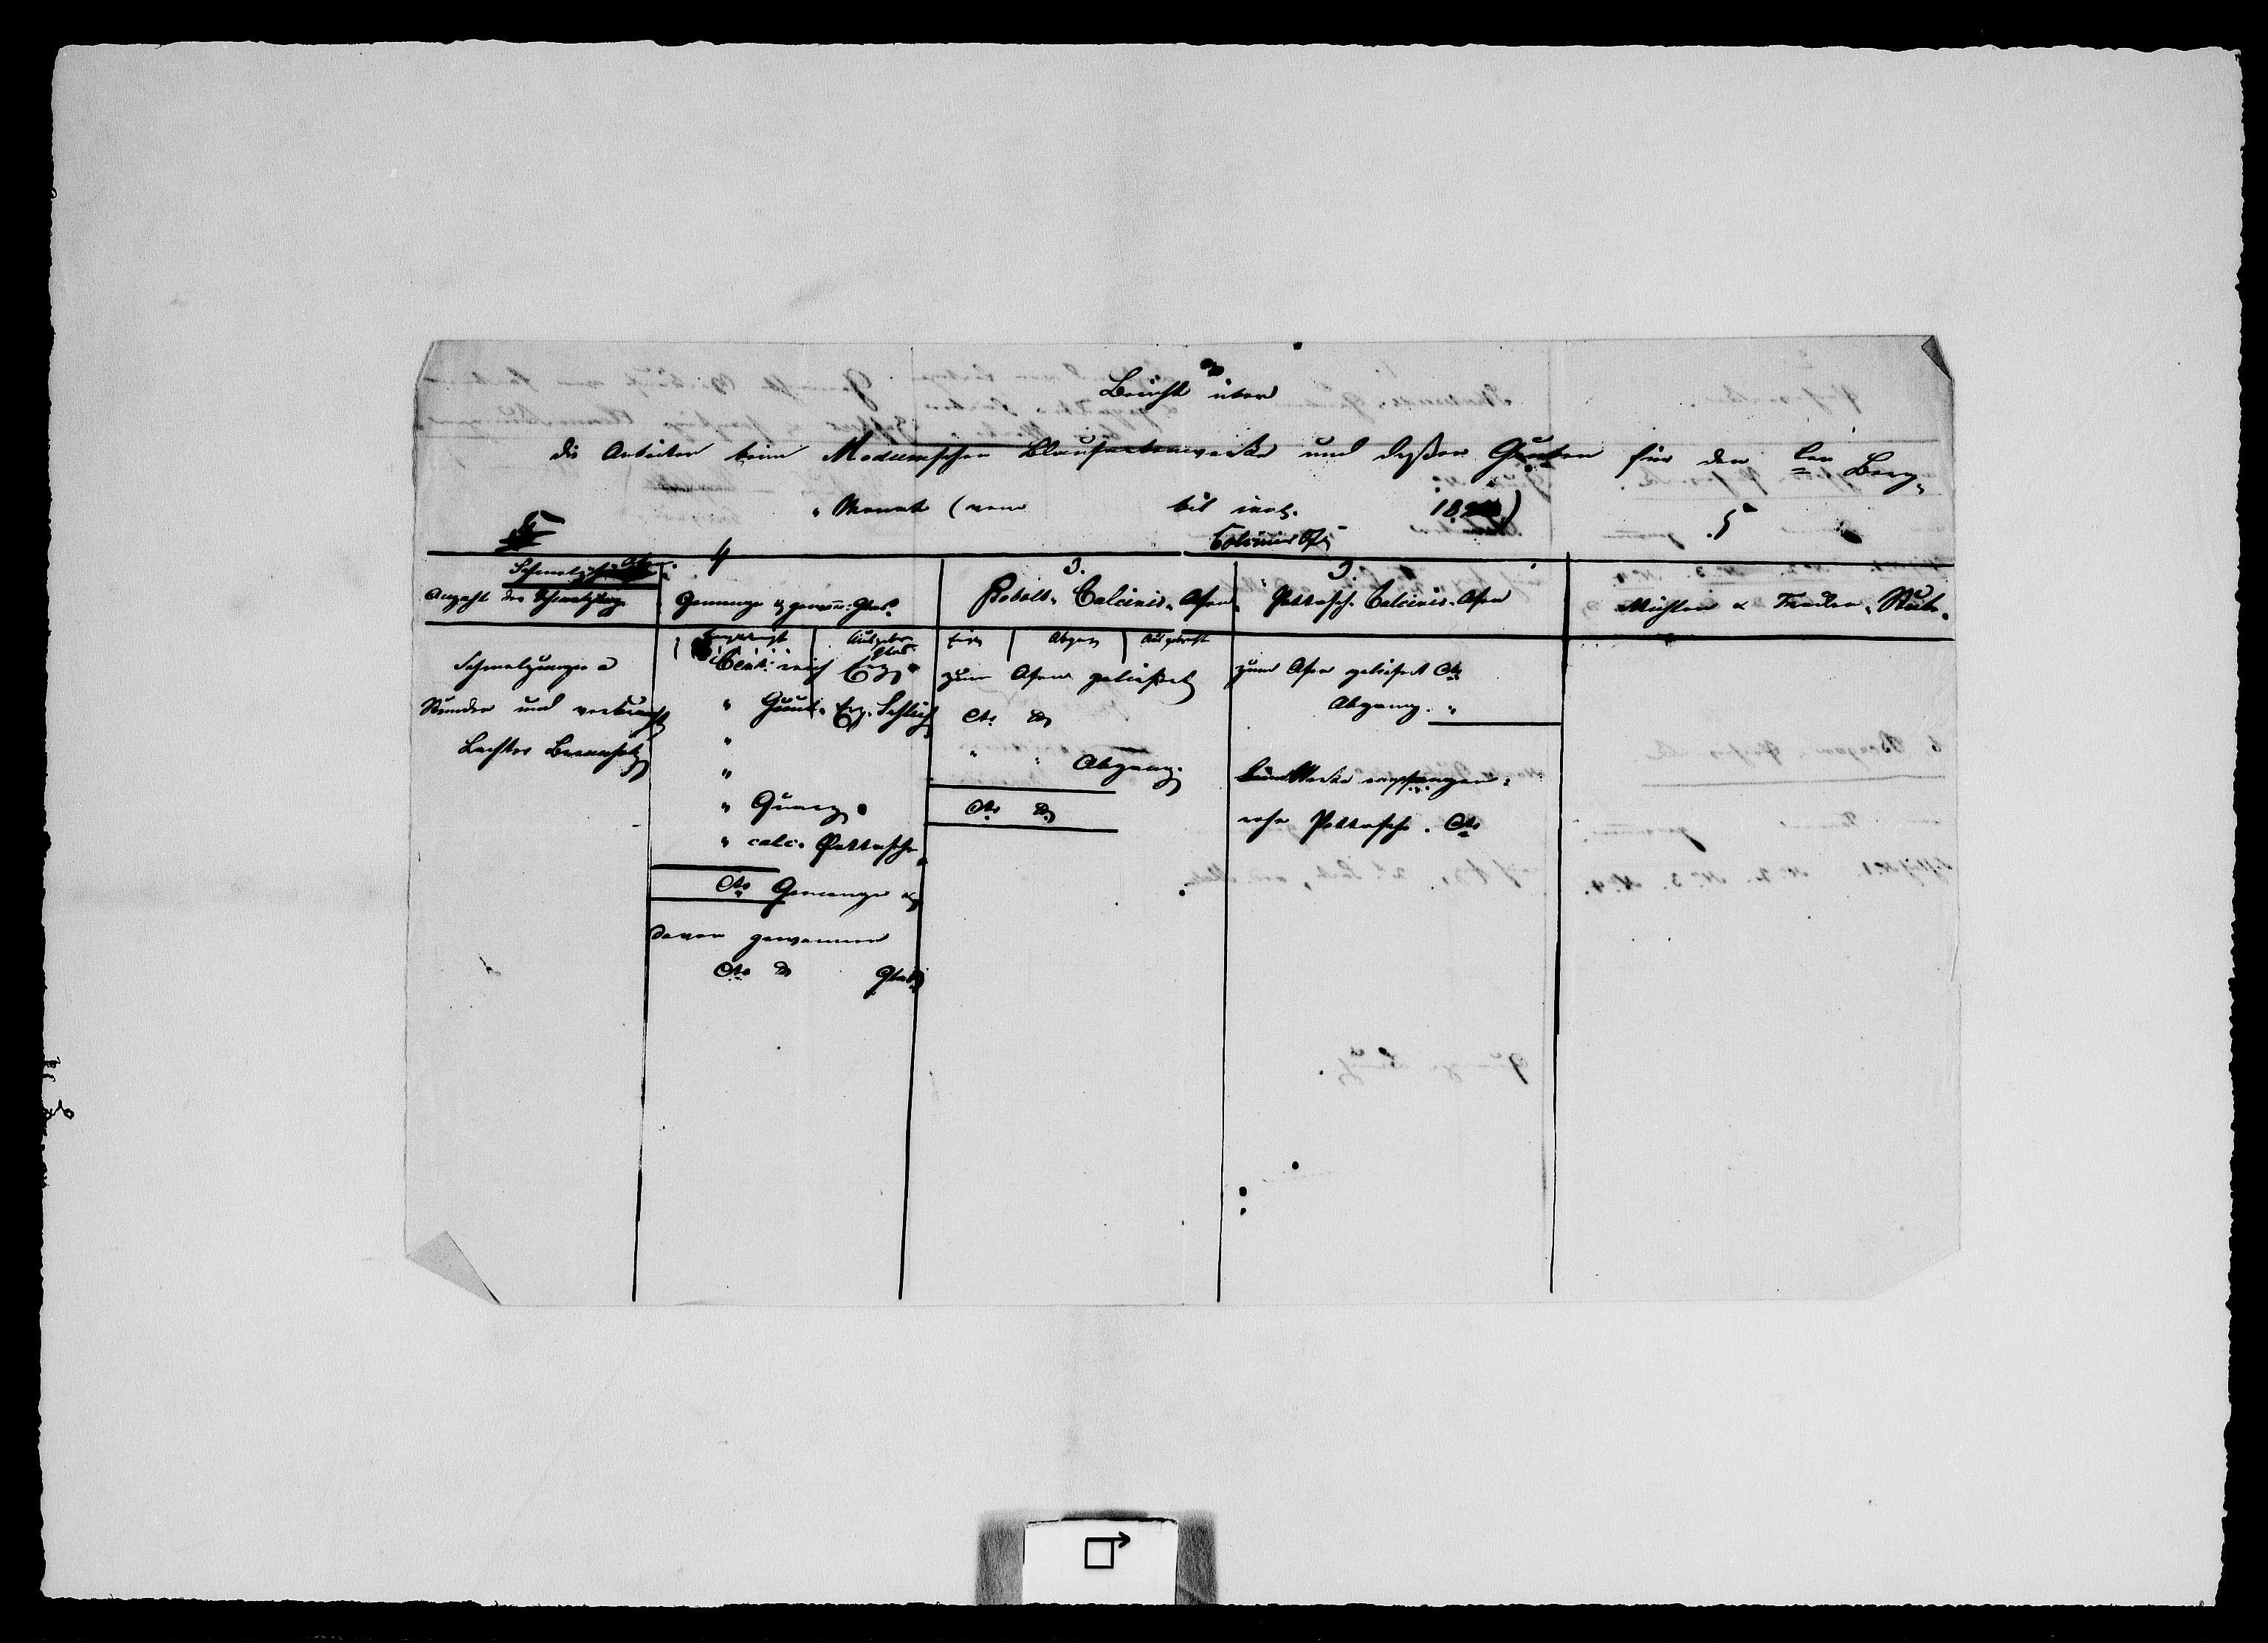 RA, Modums Blaafarveværk, G/Ge/L0316, 1823-1837, s. 2